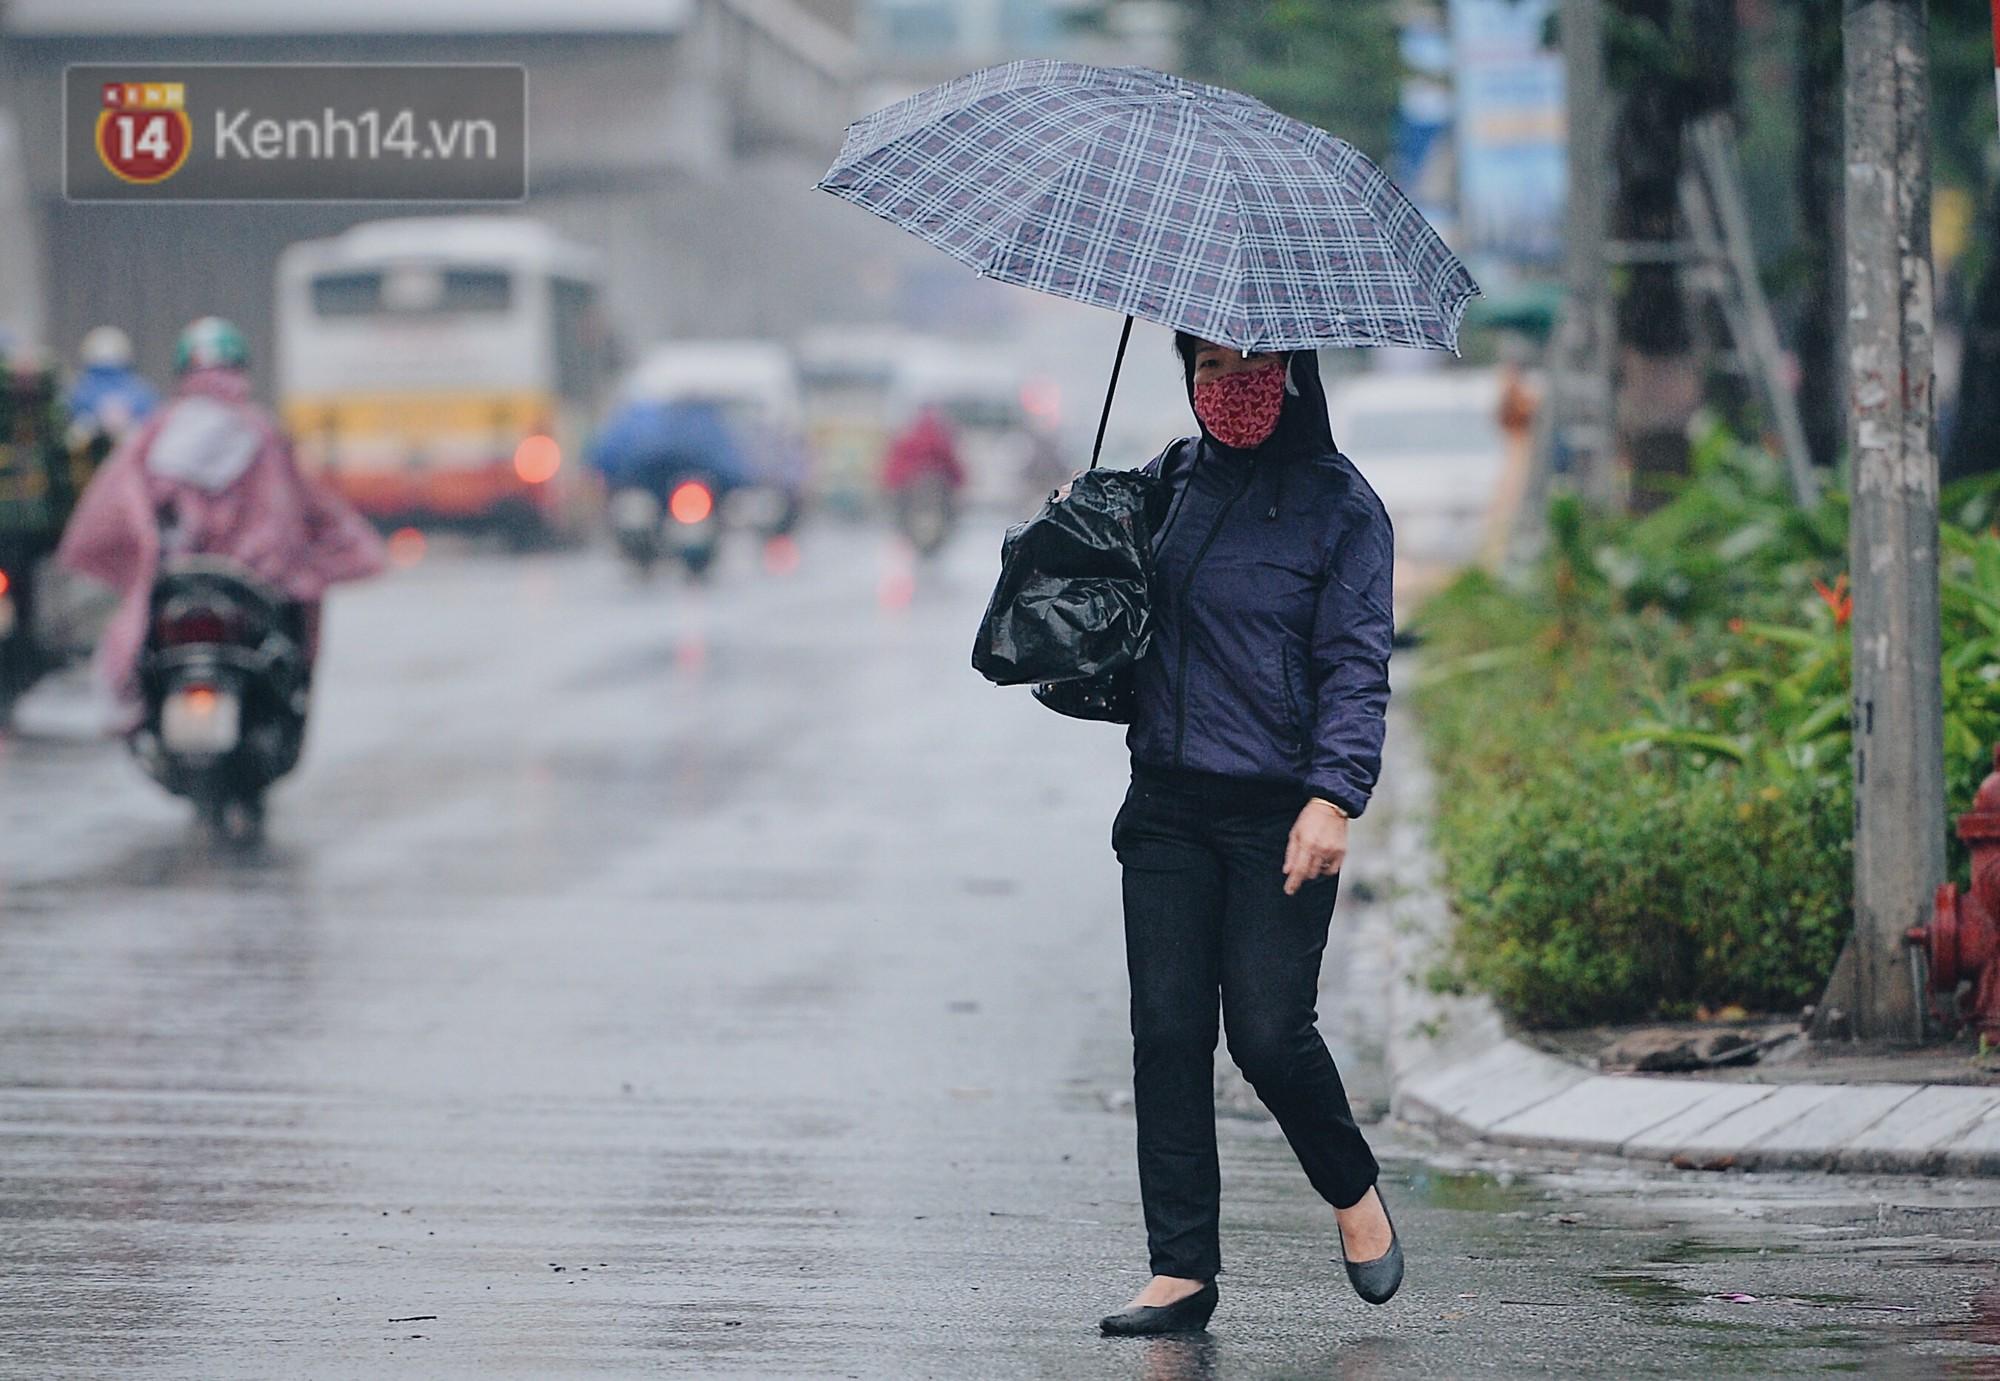 Chùm ảnh: Sau một đêm trở gió Hà Nội mưa lạnh xuống đến 17 độ C, người dân co ro ra đường - Ảnh 13.